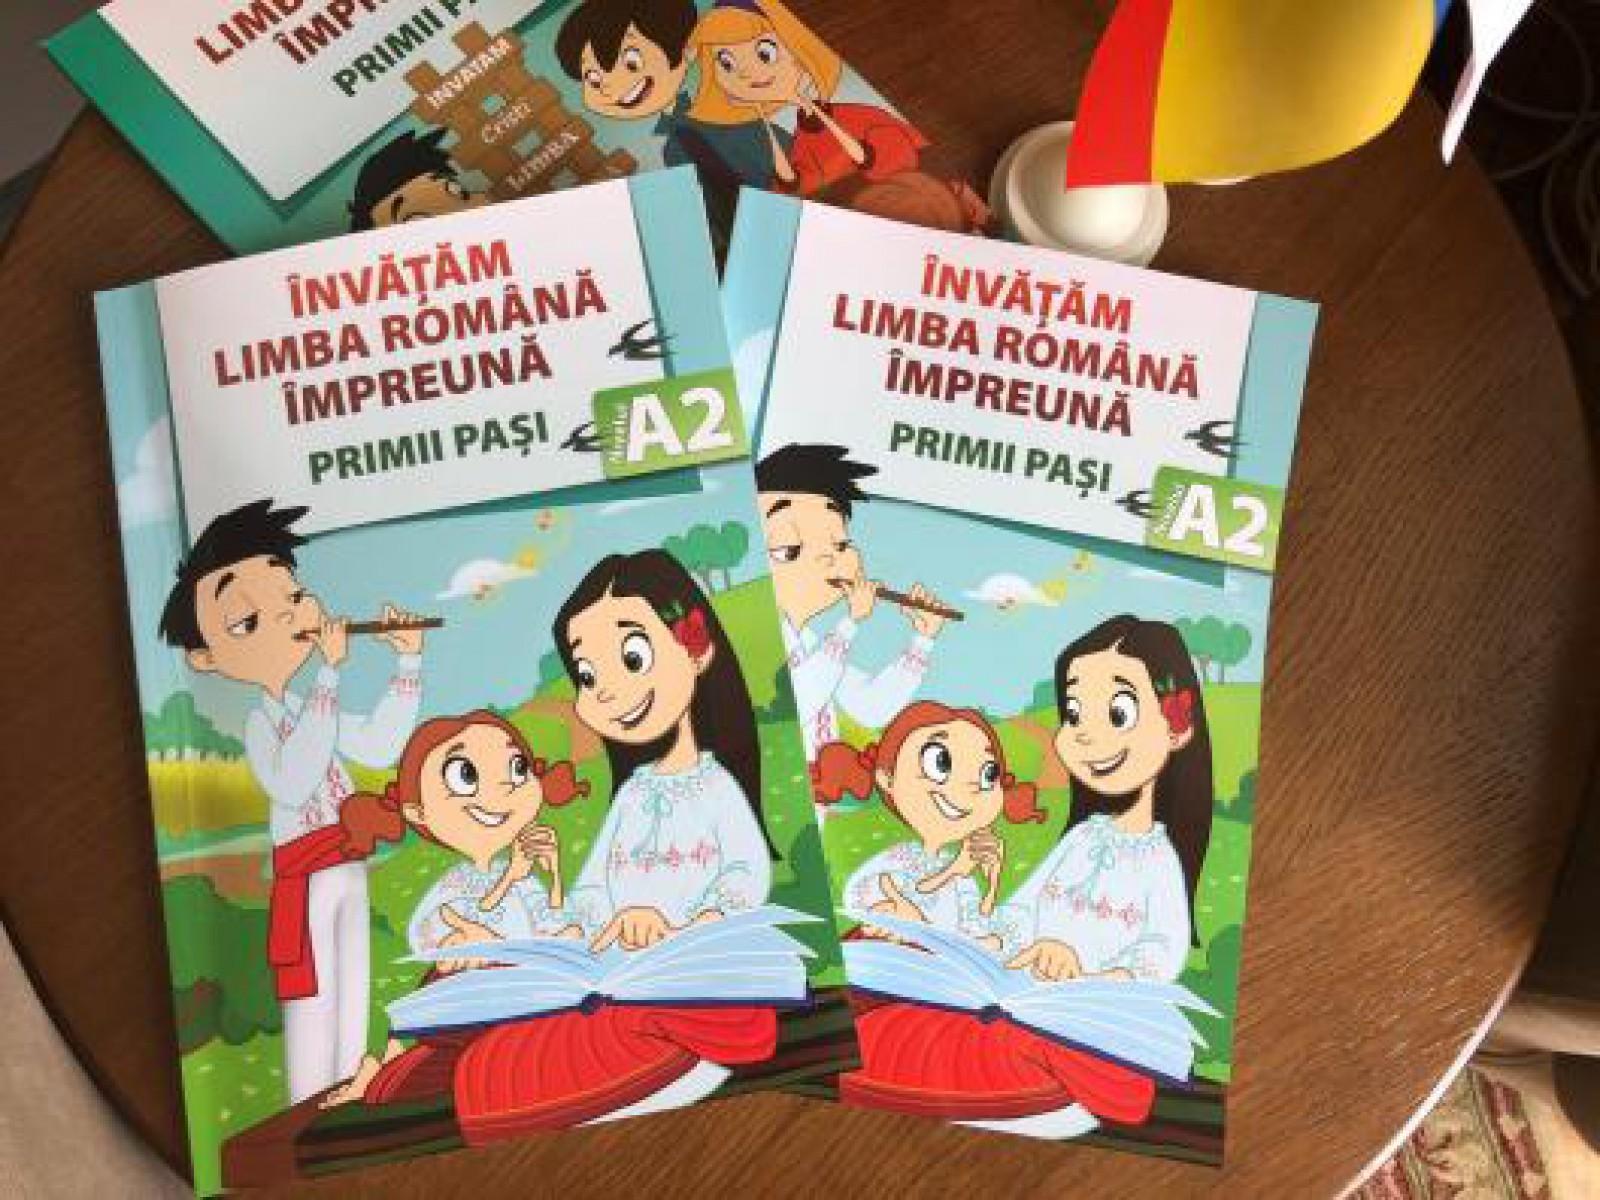 Vești bune pentru doritorii de a învăța limba română. Au fost lansate noi materiale didactice pentru Centrele Educaționale din diasporă